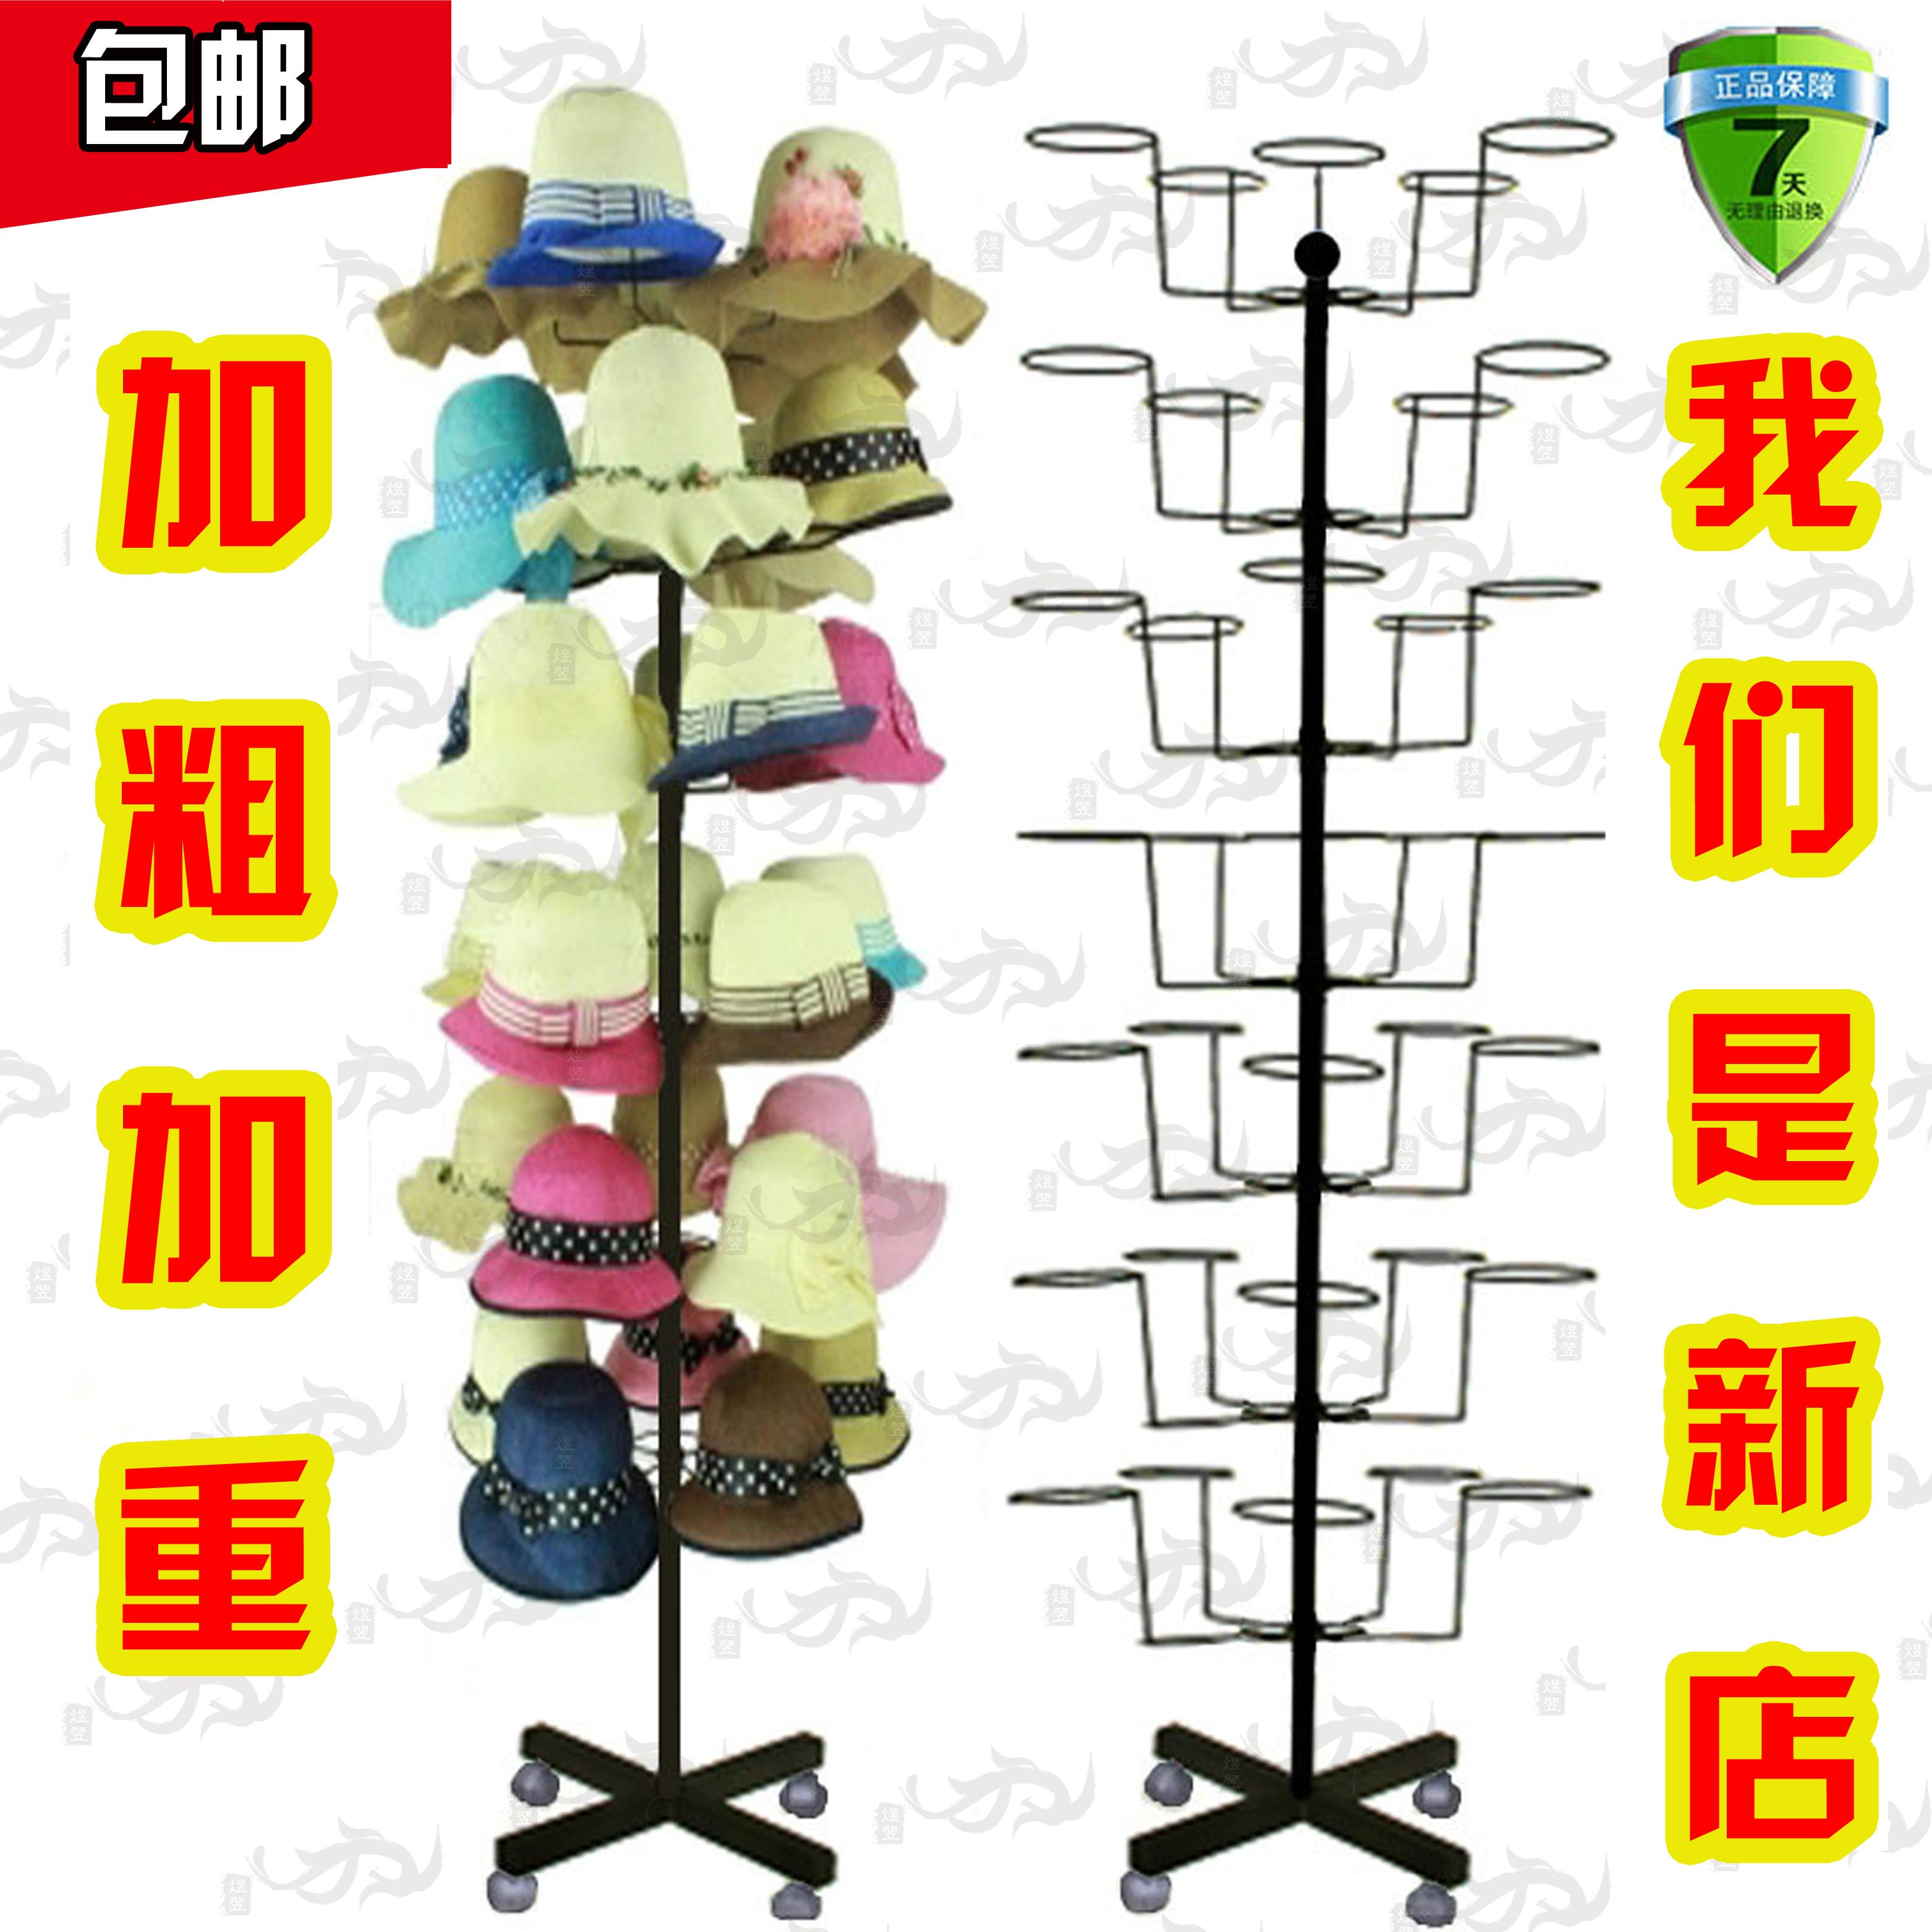 Бутик вешалка мать младенец магазин необходимо могут быть связаны шарф доставка по всей стране включена роскошный утолщенный введите все поверхность город